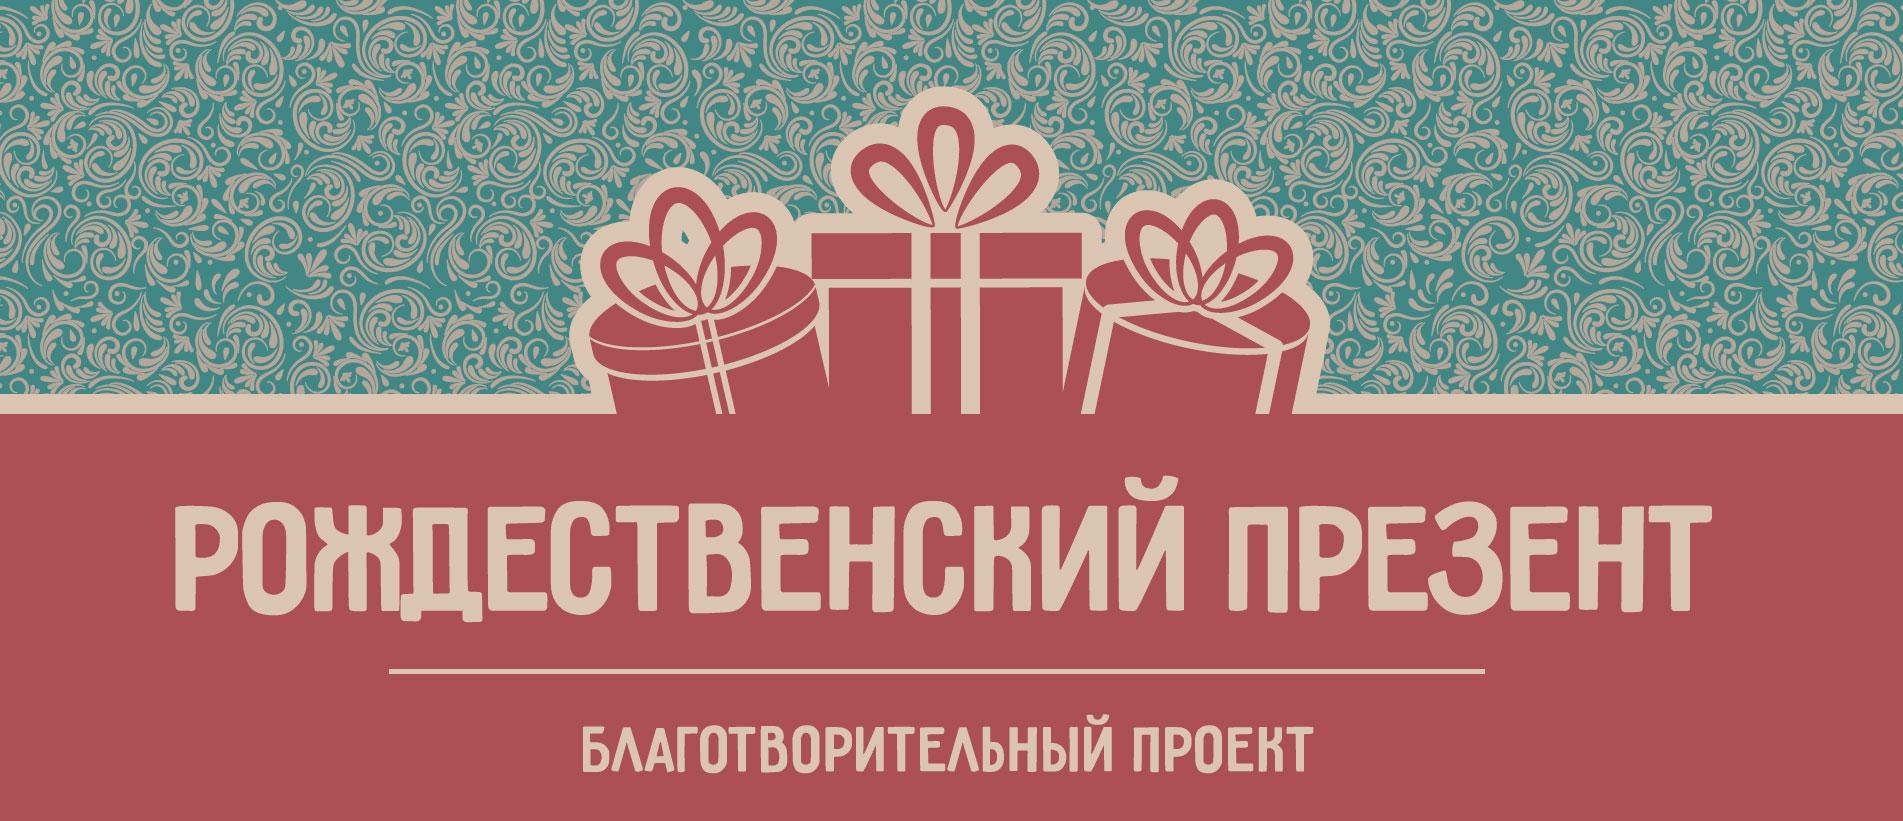 Подари Рождественский презент!